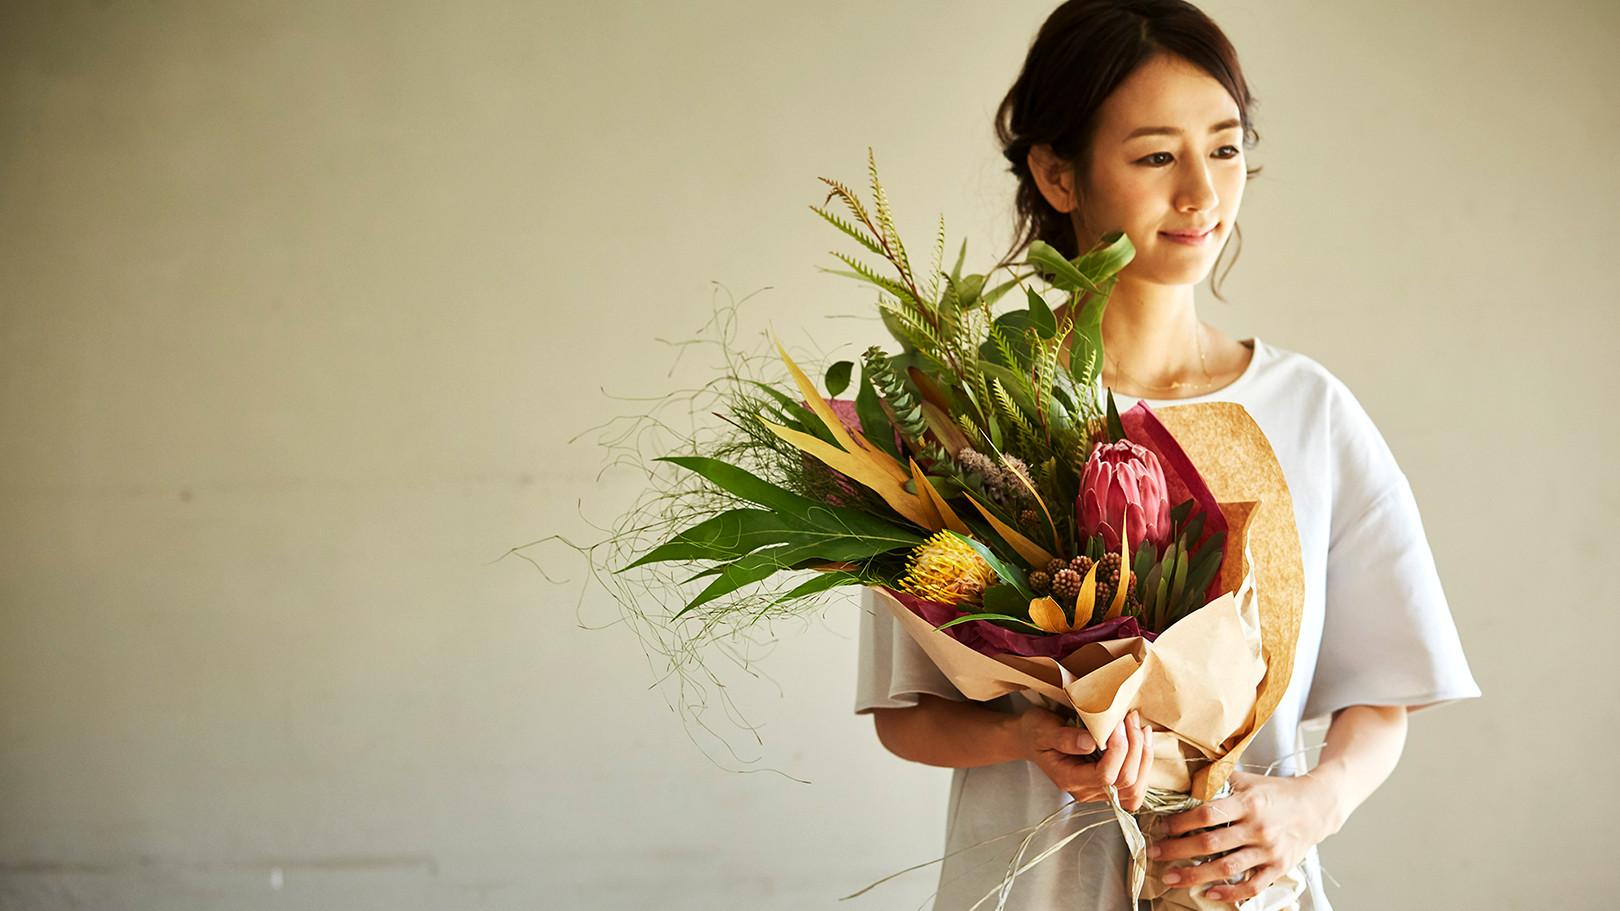 「#世界の花屋」instagram投稿キャンペーンに参加しよう。